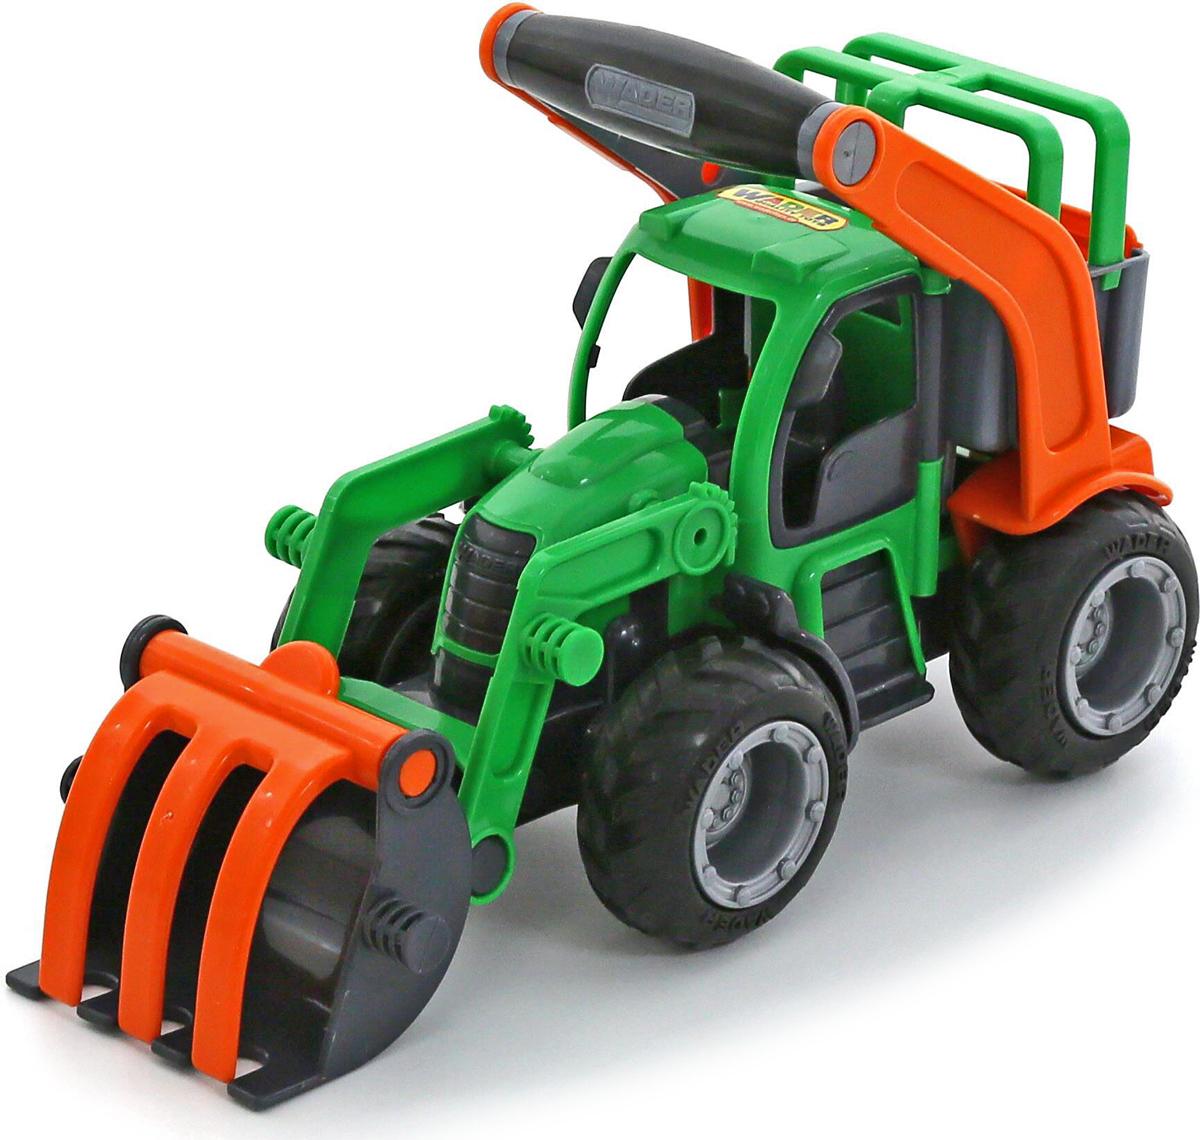 Полесье Трактор-погрузчик ГрипТрак 37367 машина детская полесье полесье набор автомобиль трейлер трактор погрузчик